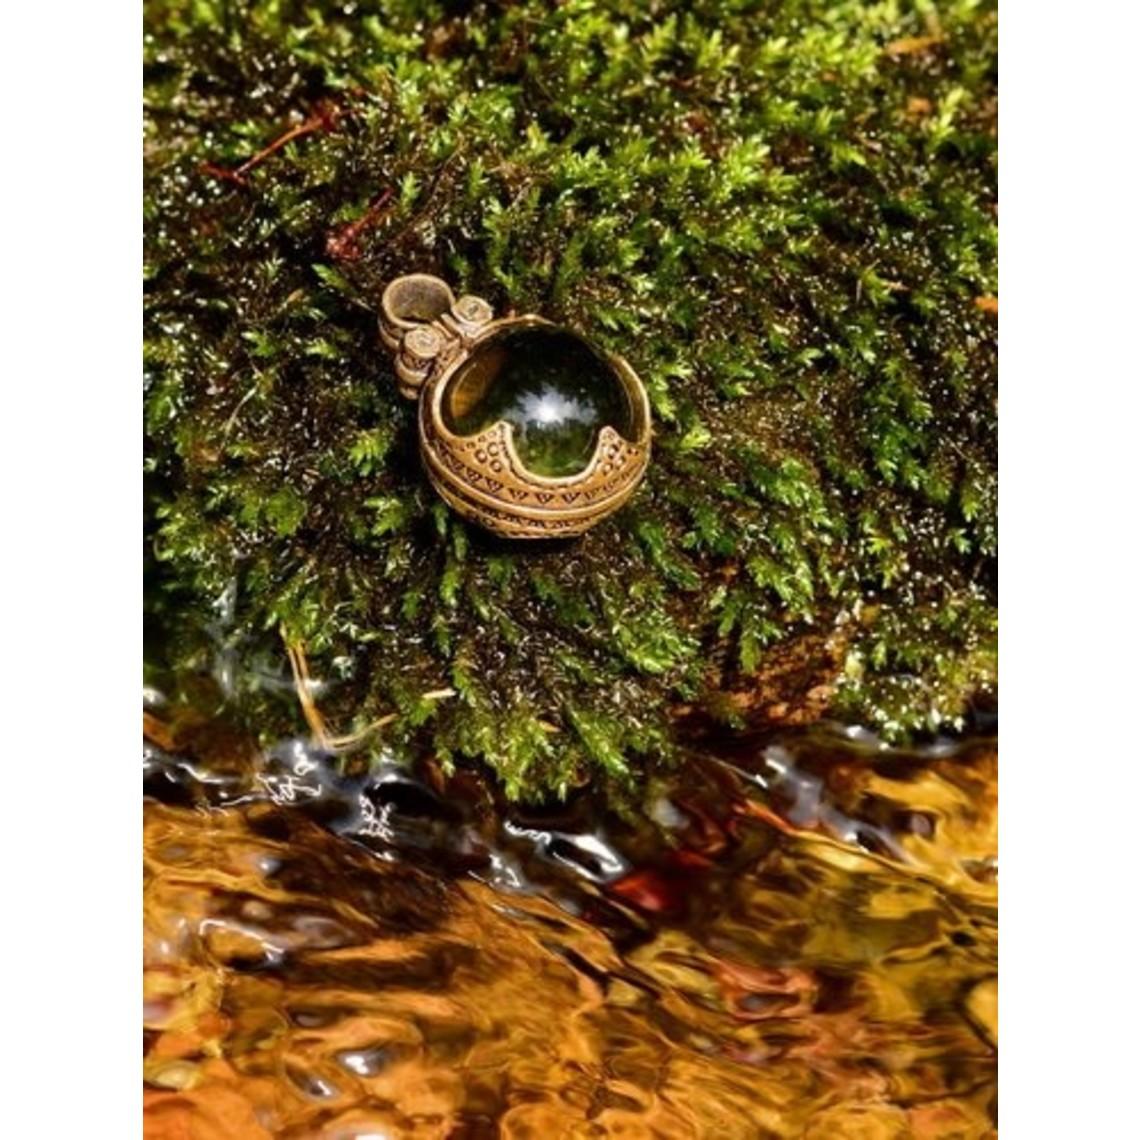 Gotland Vikingo cristal de roca L, bronce